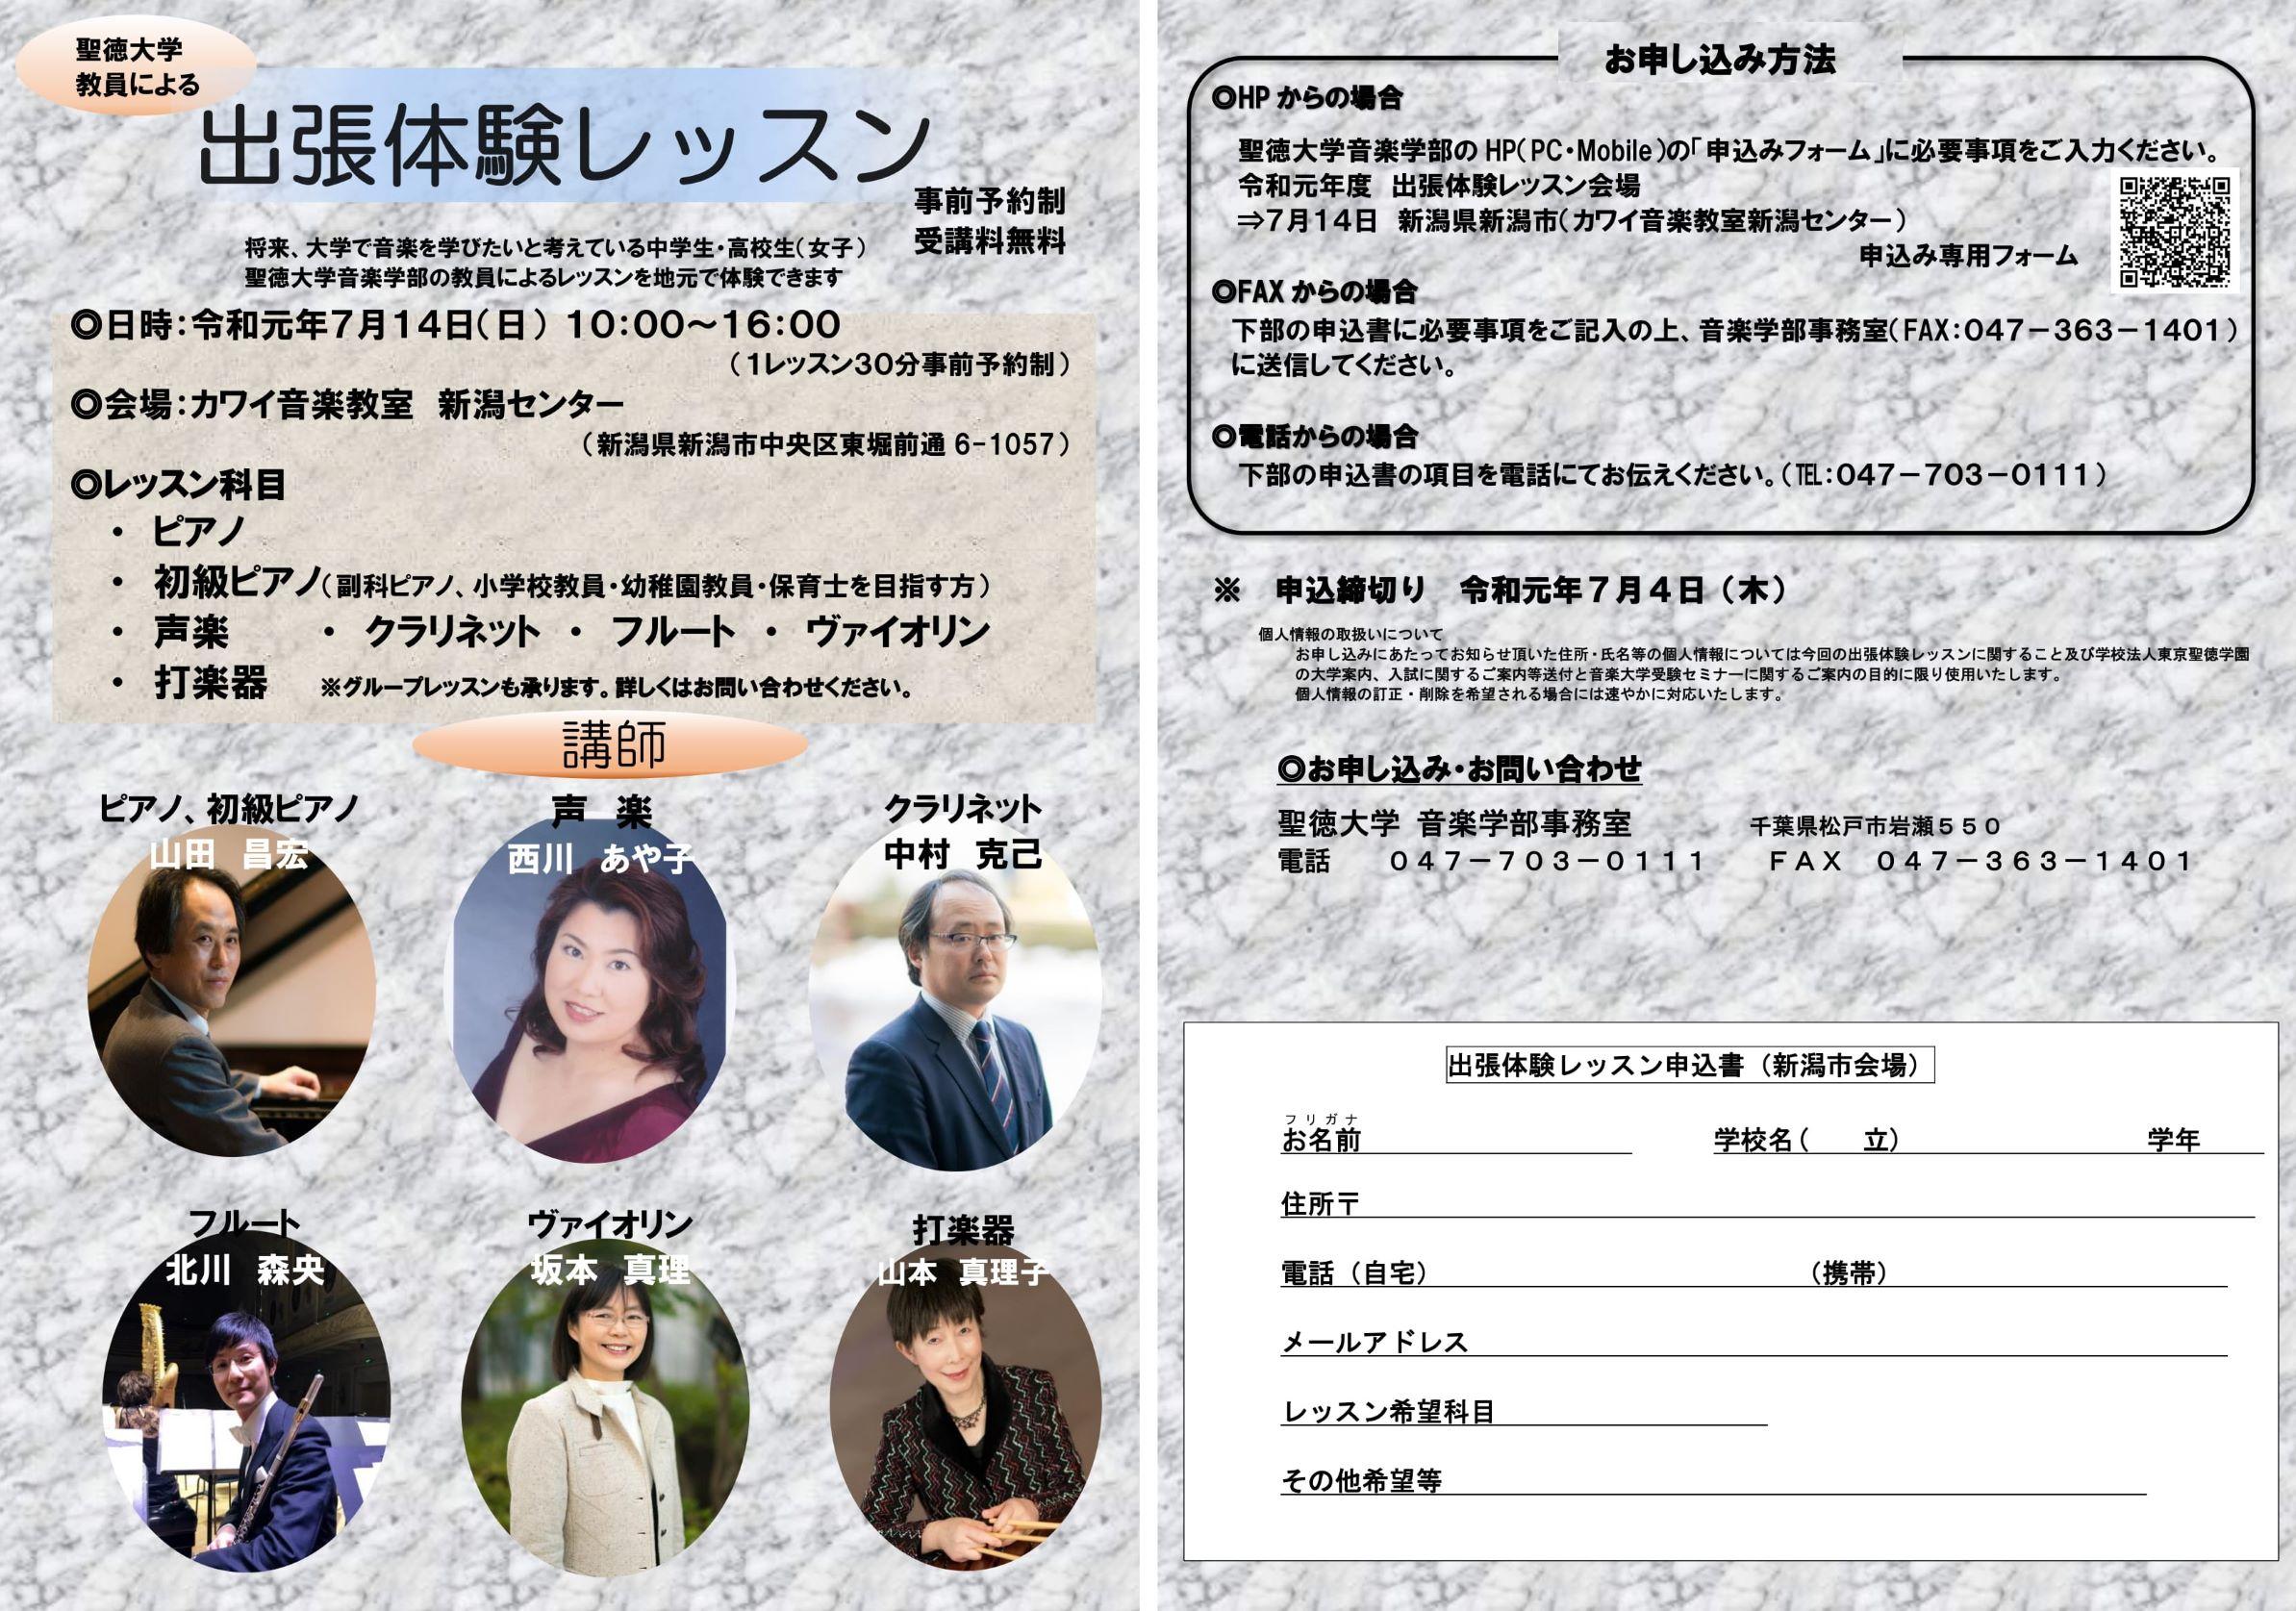 7/14(日) 新潟、7/21(日) 仙台で出張体験レッスンを実施します